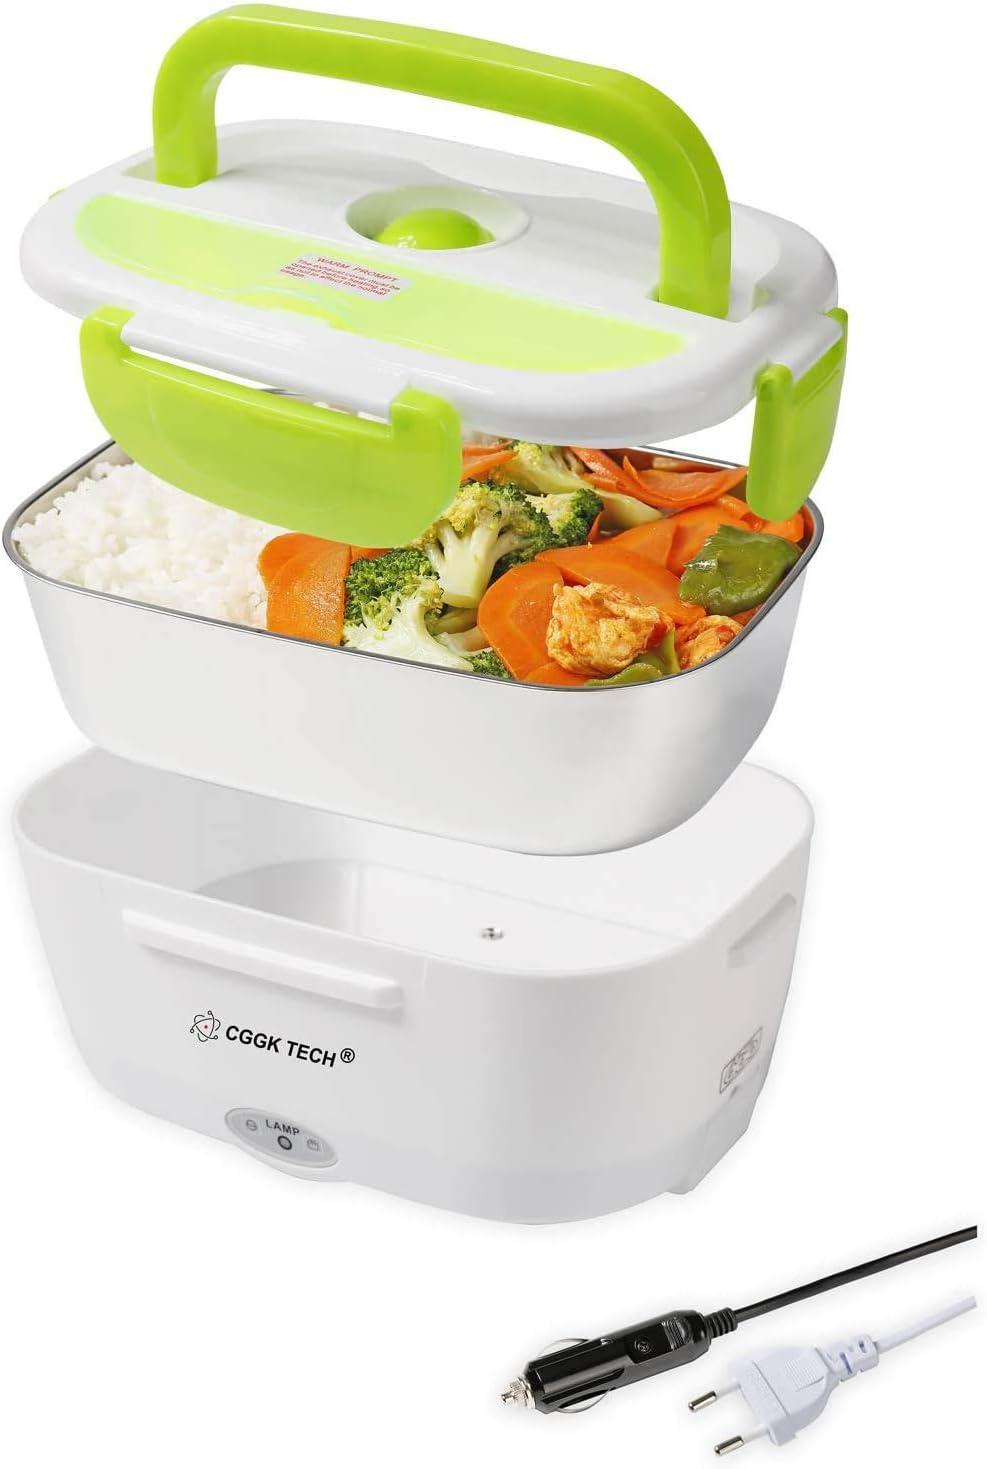 CGGK TECH® Fiambrera Electrica Caja calefactora Fiambrera Lunch Box eléctrico 220V 12V Calidad alimentaria para Comida Caliente de Acero Inoxidable